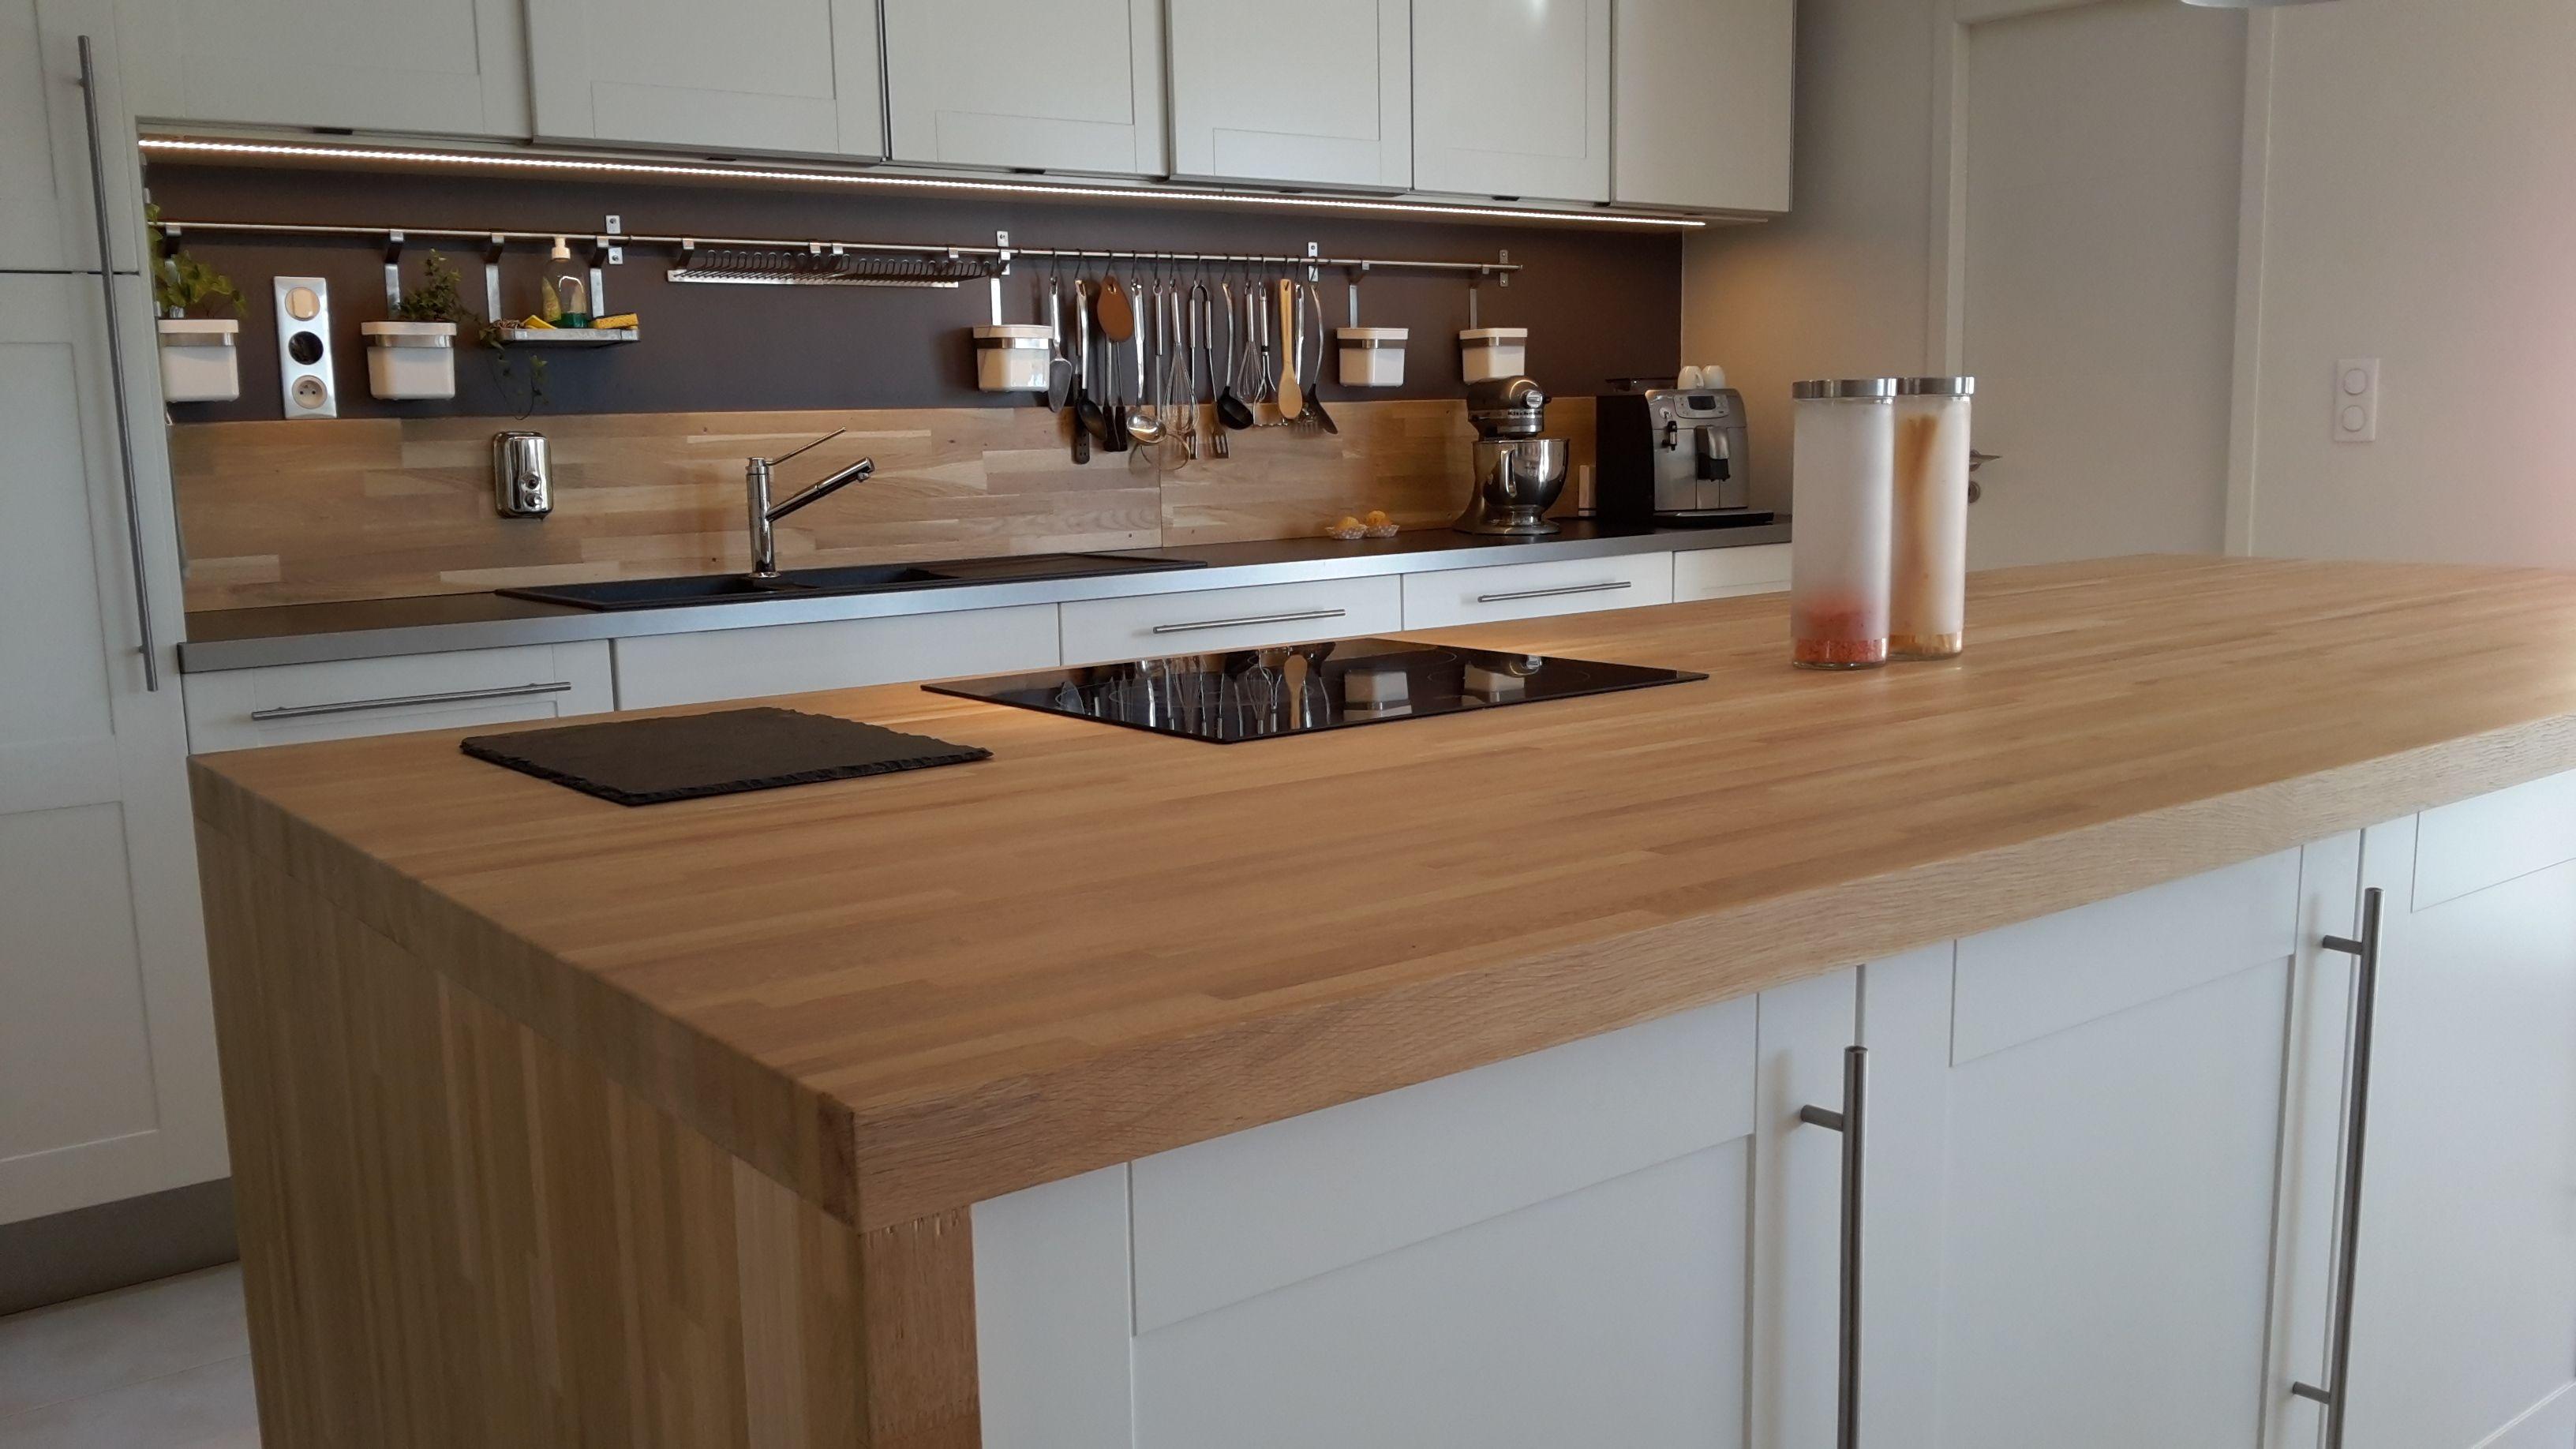 plan de travail bois massif sur mesure plan de travail cuisine hetre r novation sur mesure avec. Black Bedroom Furniture Sets. Home Design Ideas